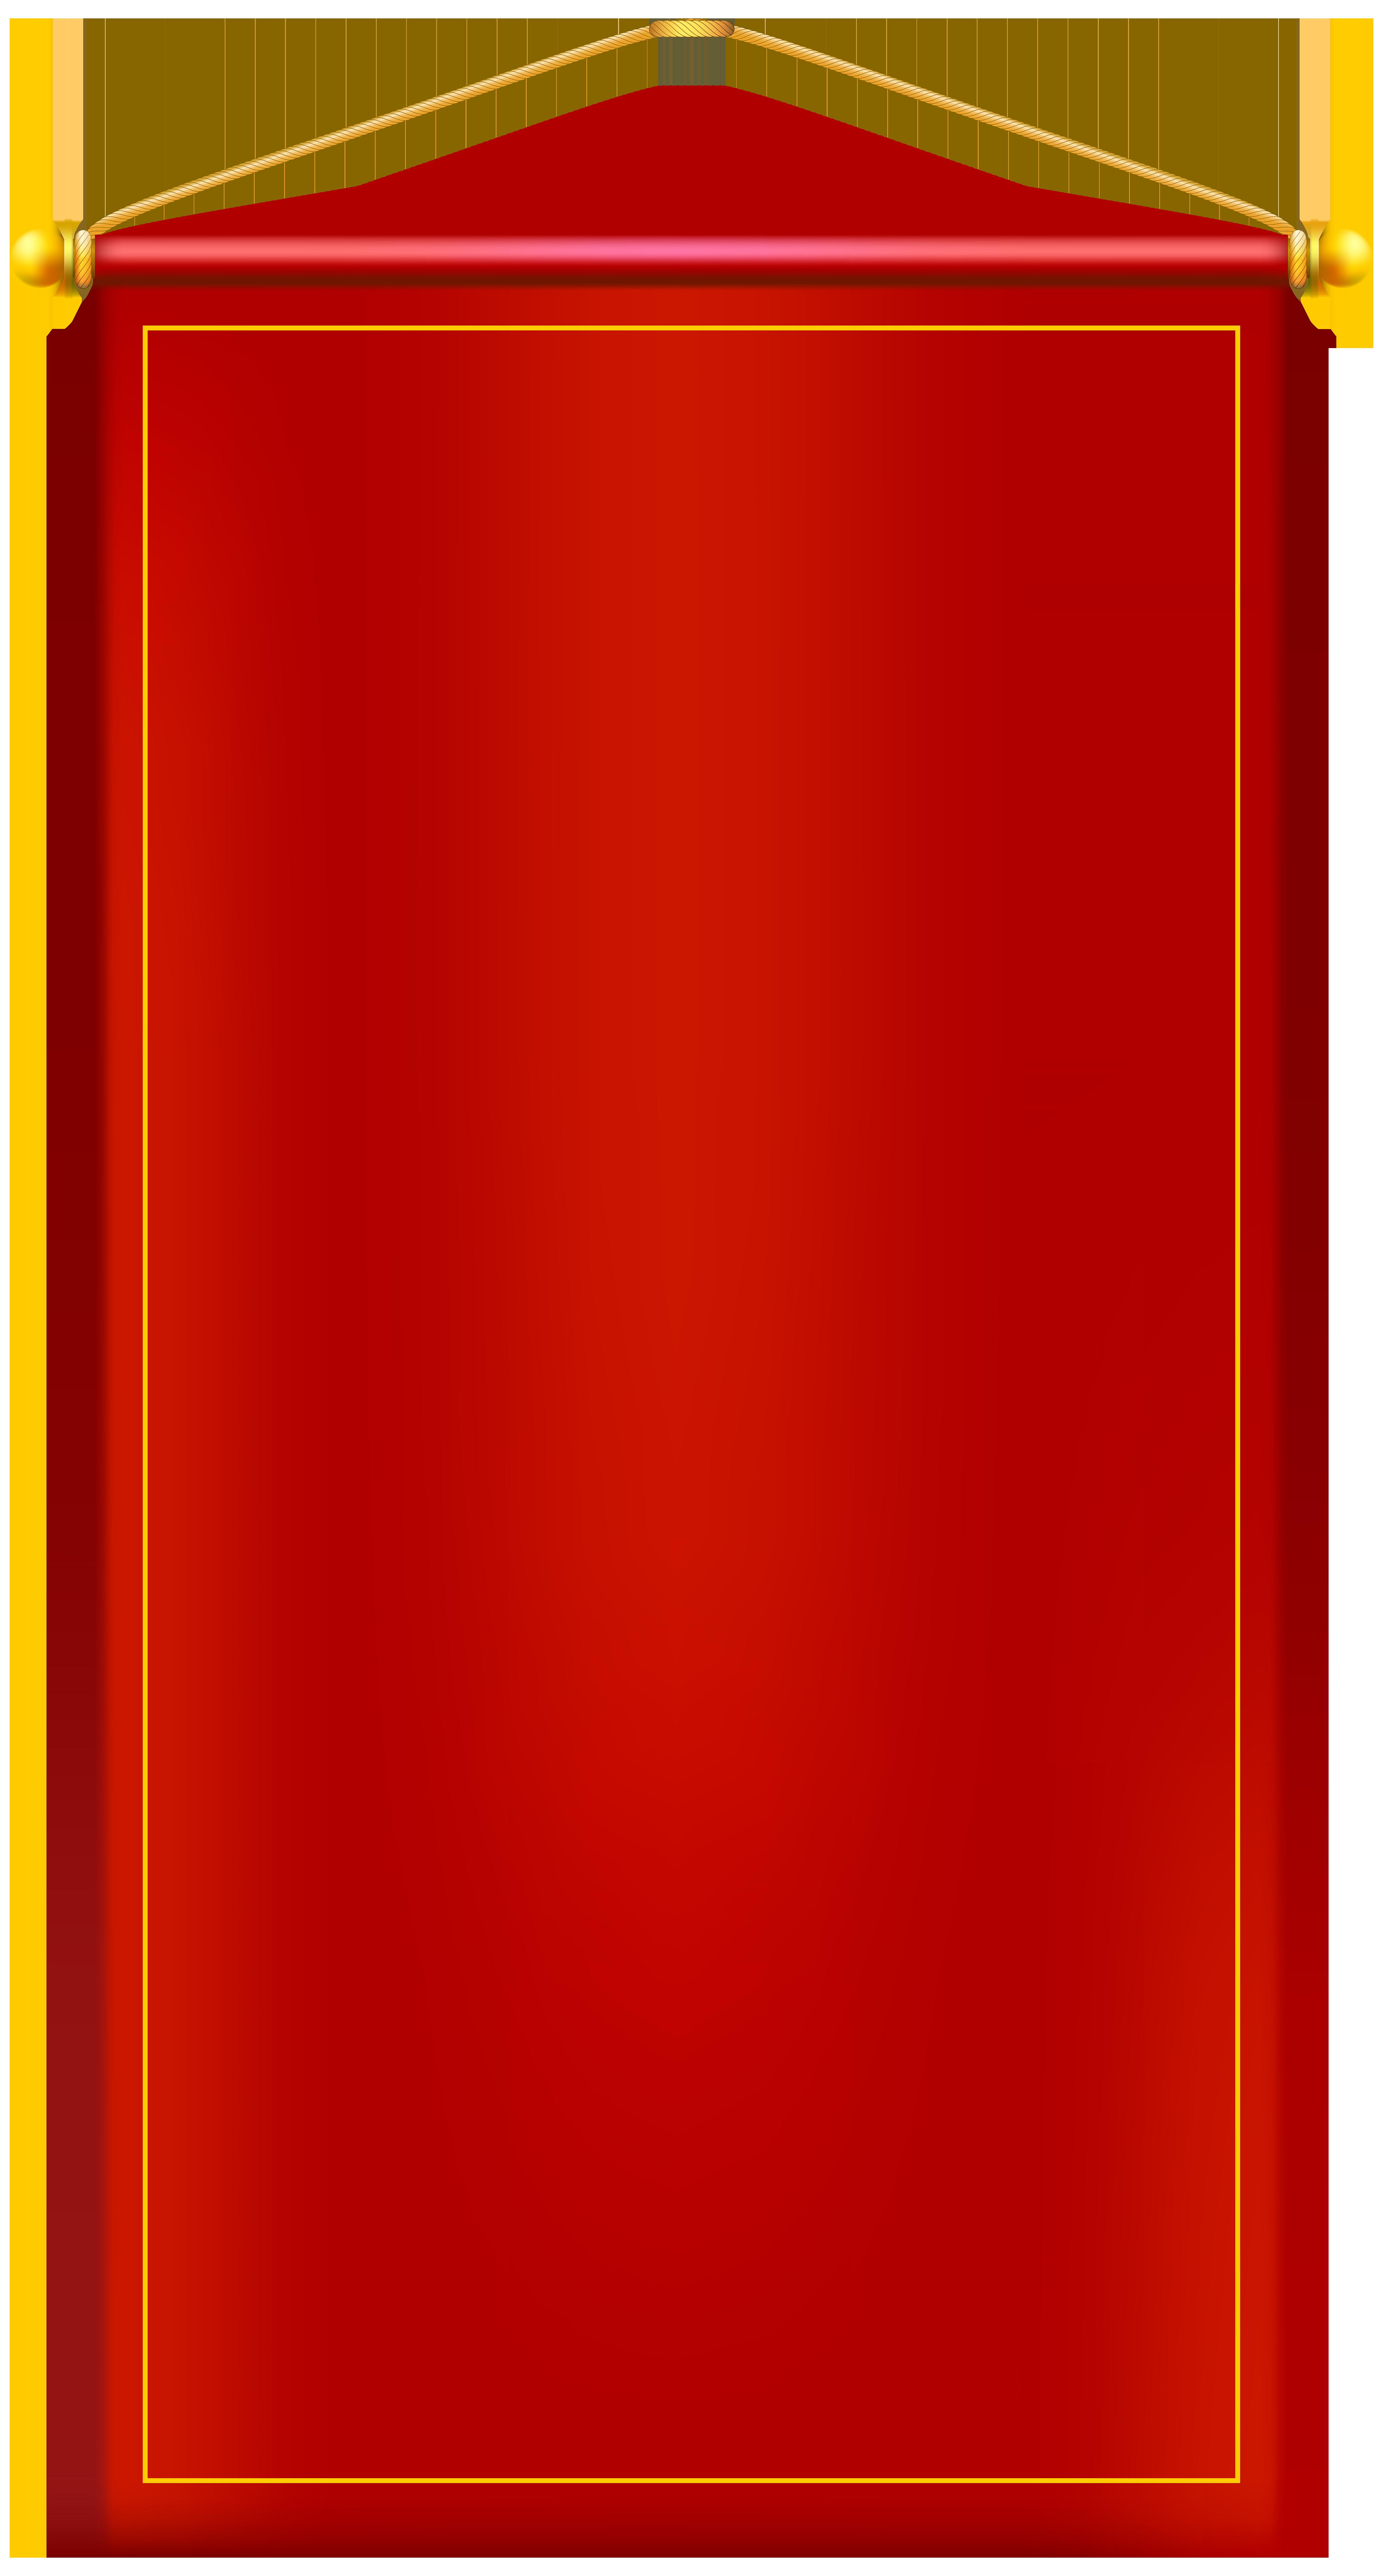 Door clipart rectangle. Vertical red banner png